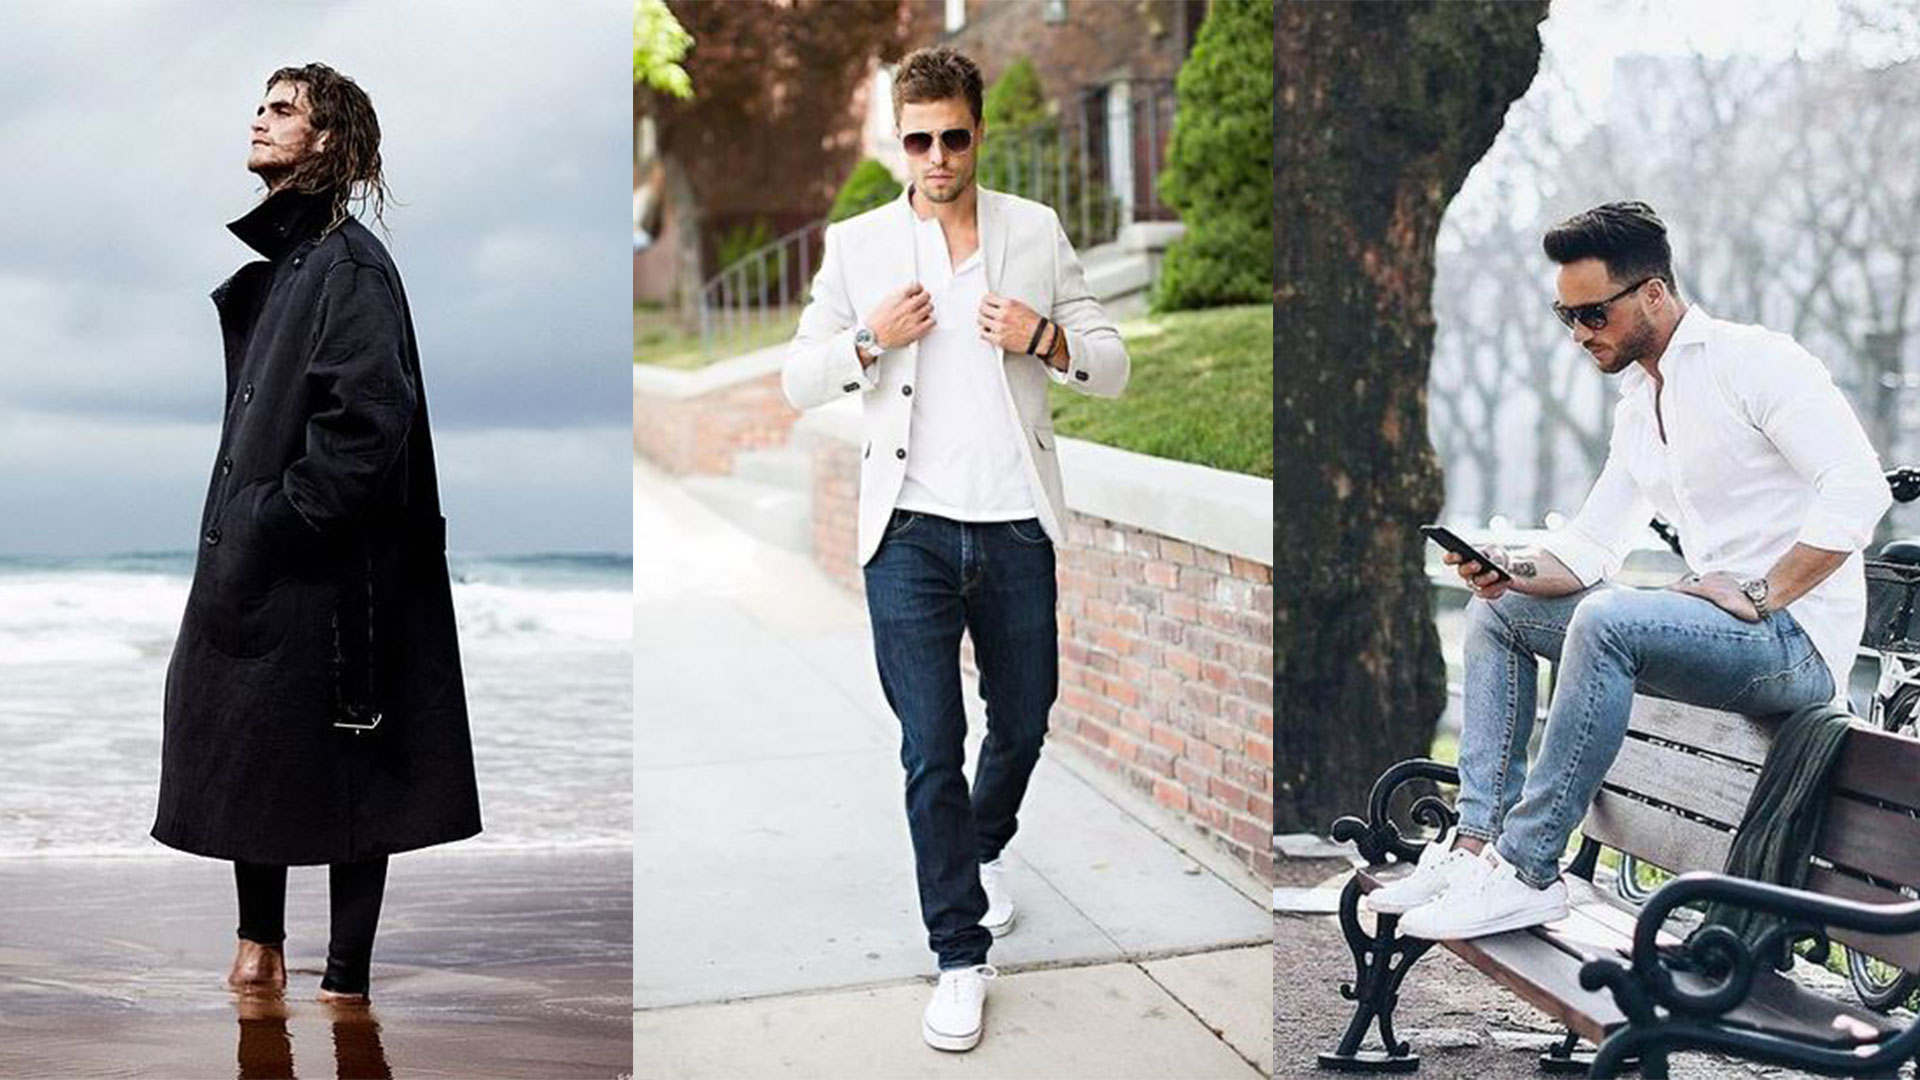 【メンズ】30代40代におすすめのファッション通販サイト4選!